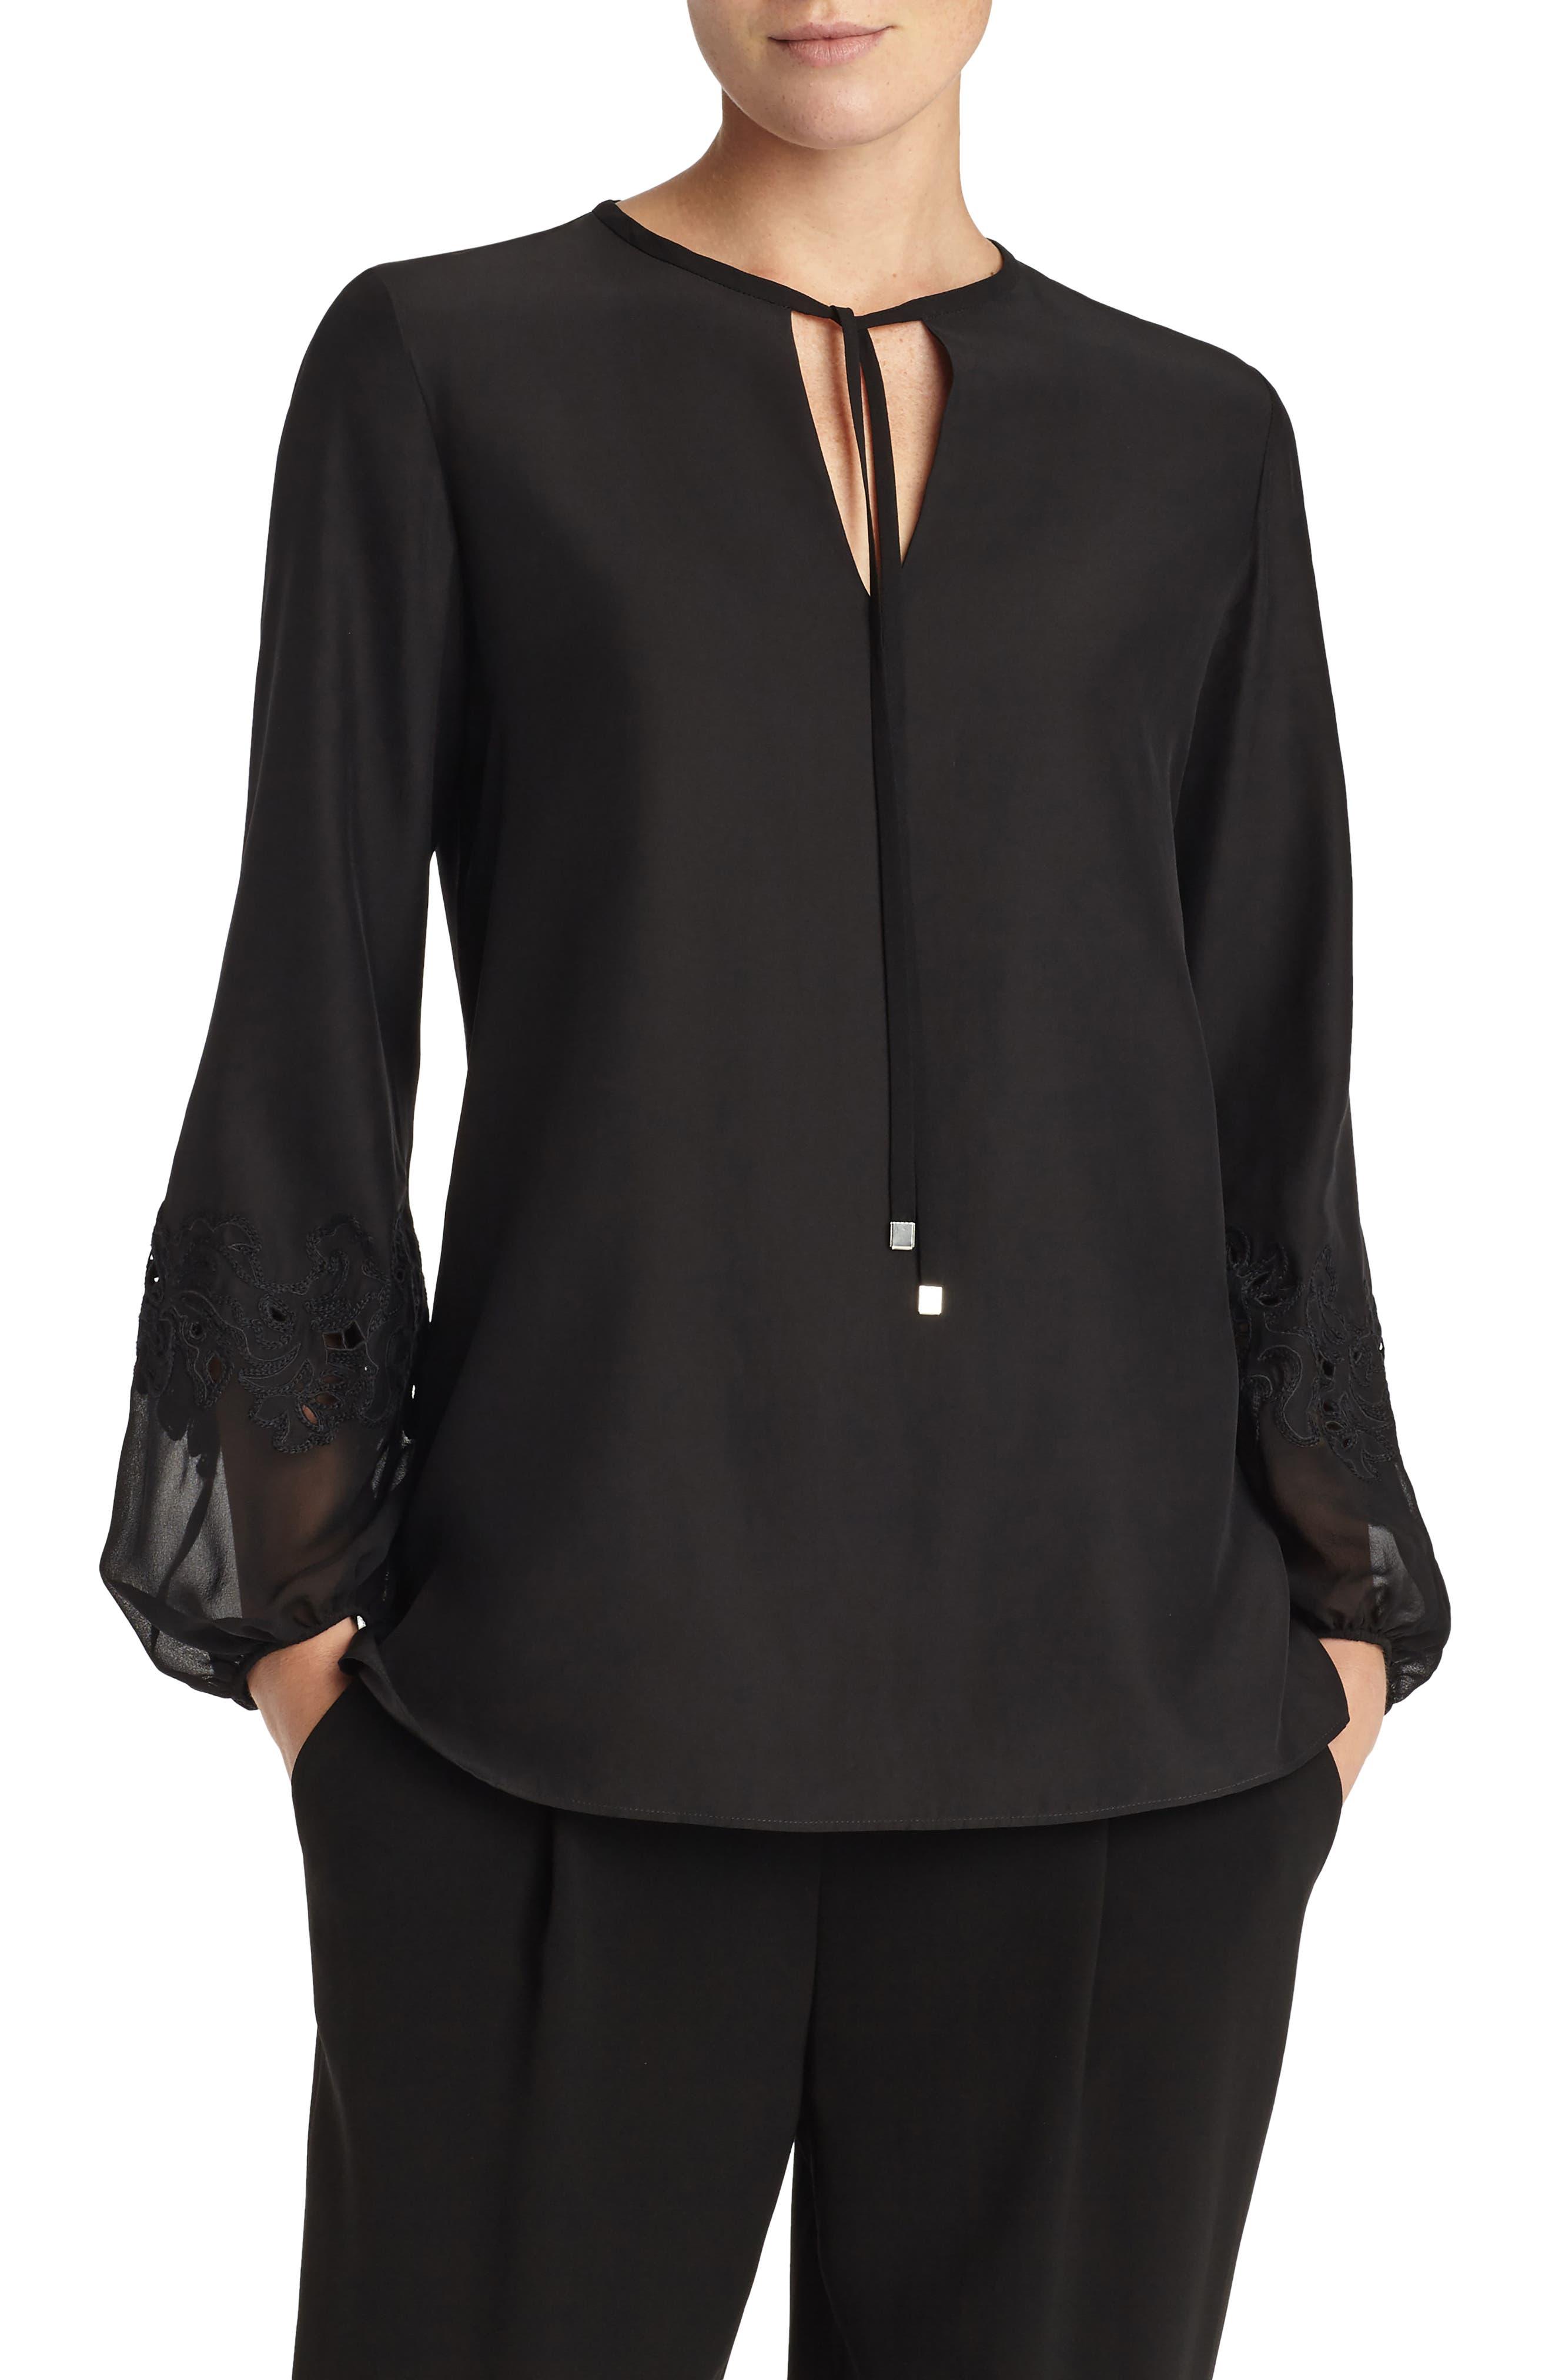 Eli Embroidered Cuff Silk Blouse,                         Main,                         color, Black